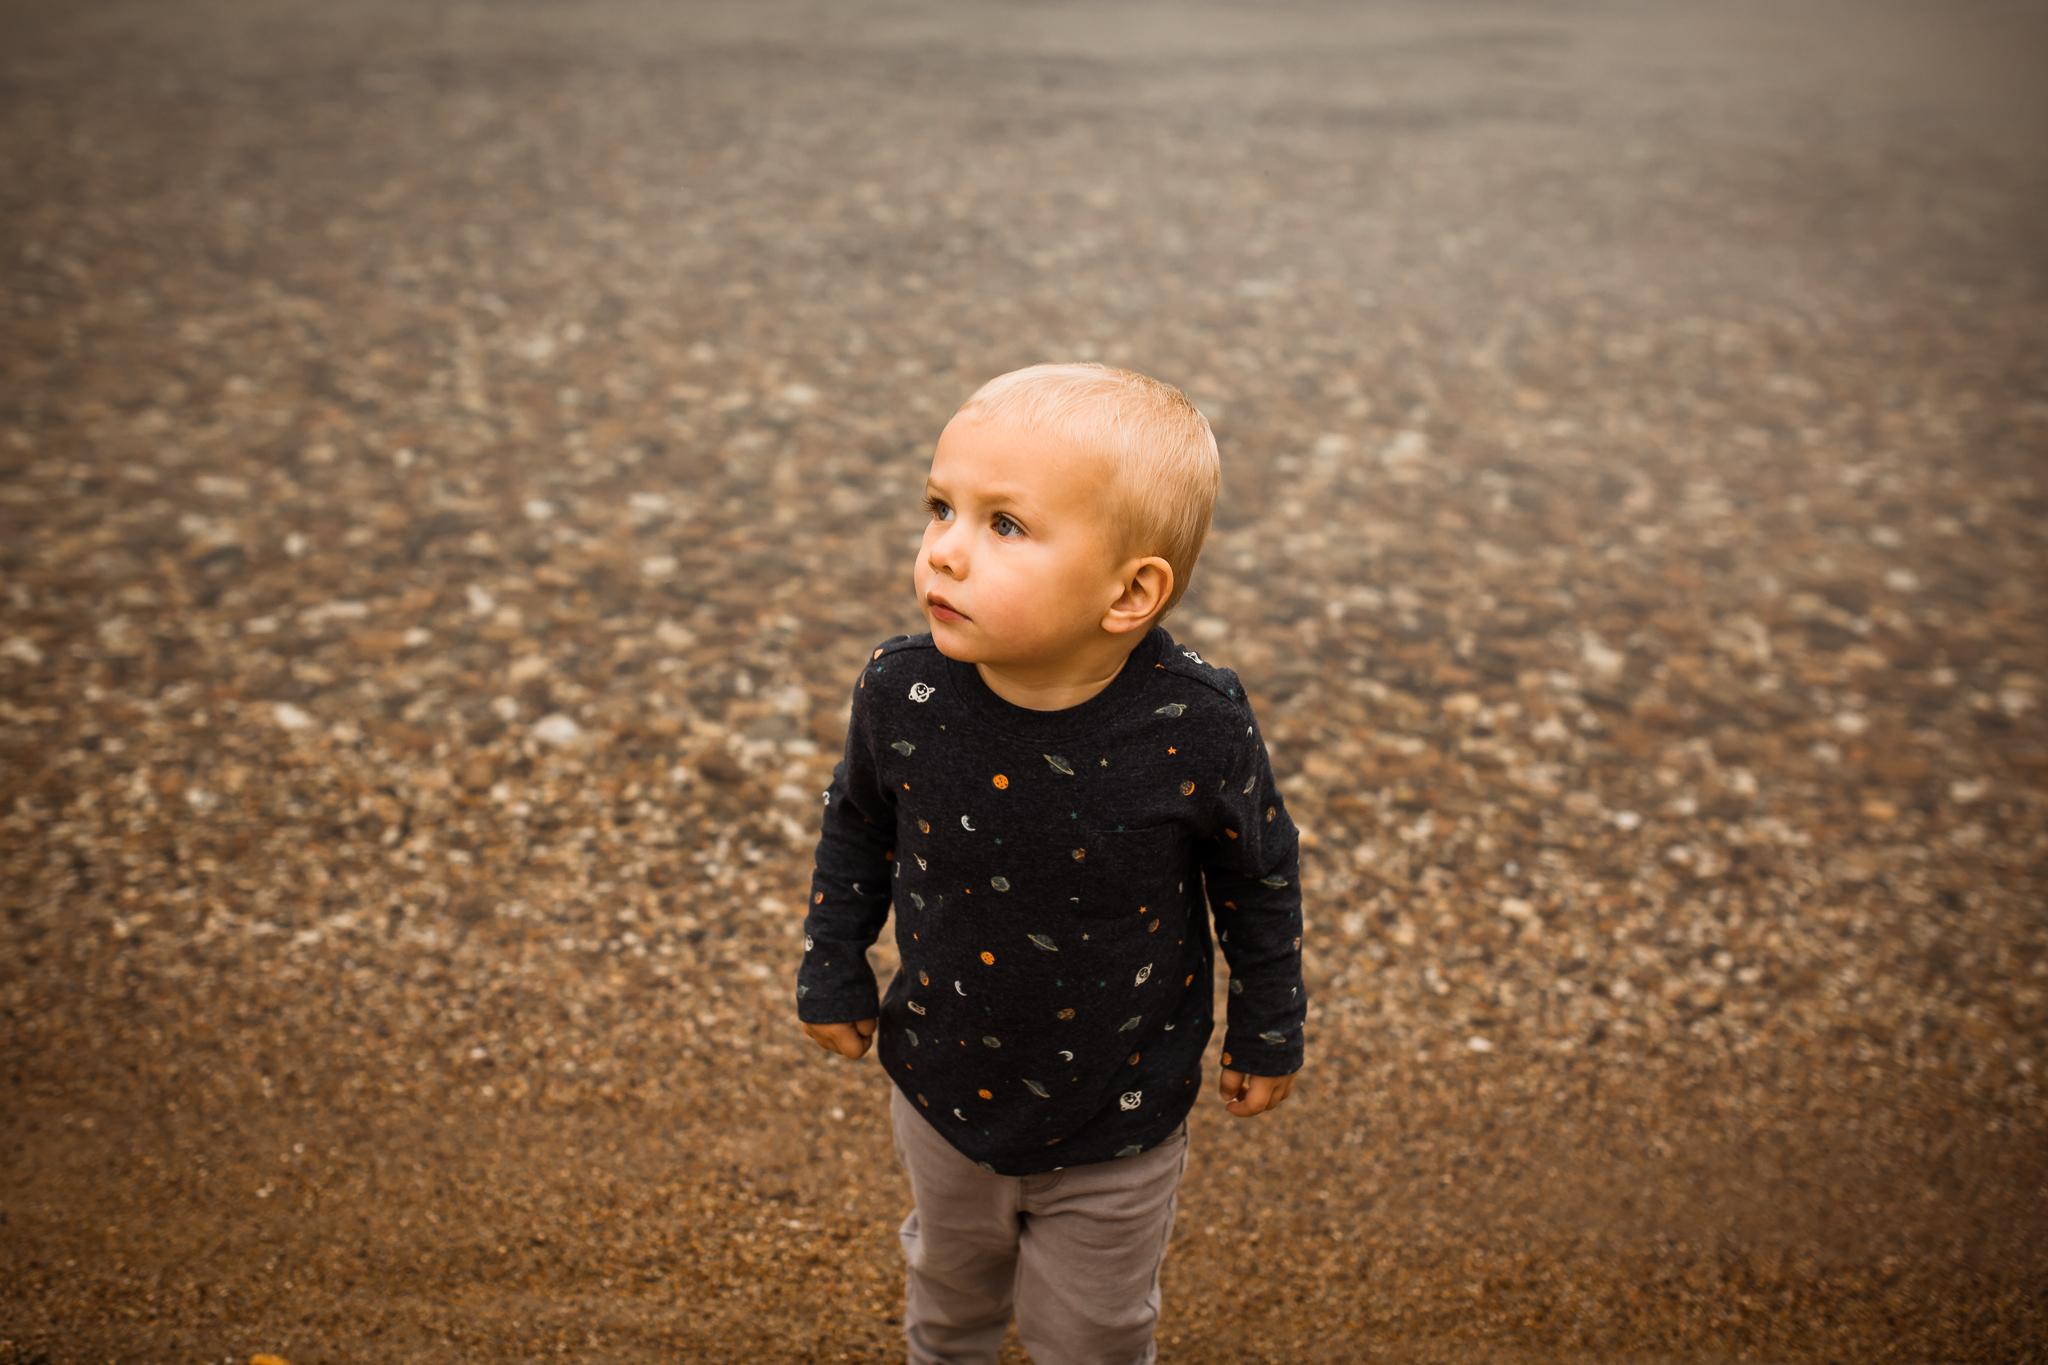 Alina-Joy-Photography-Cold-Lake-Lifestyle-Photographer-2-13.jpg